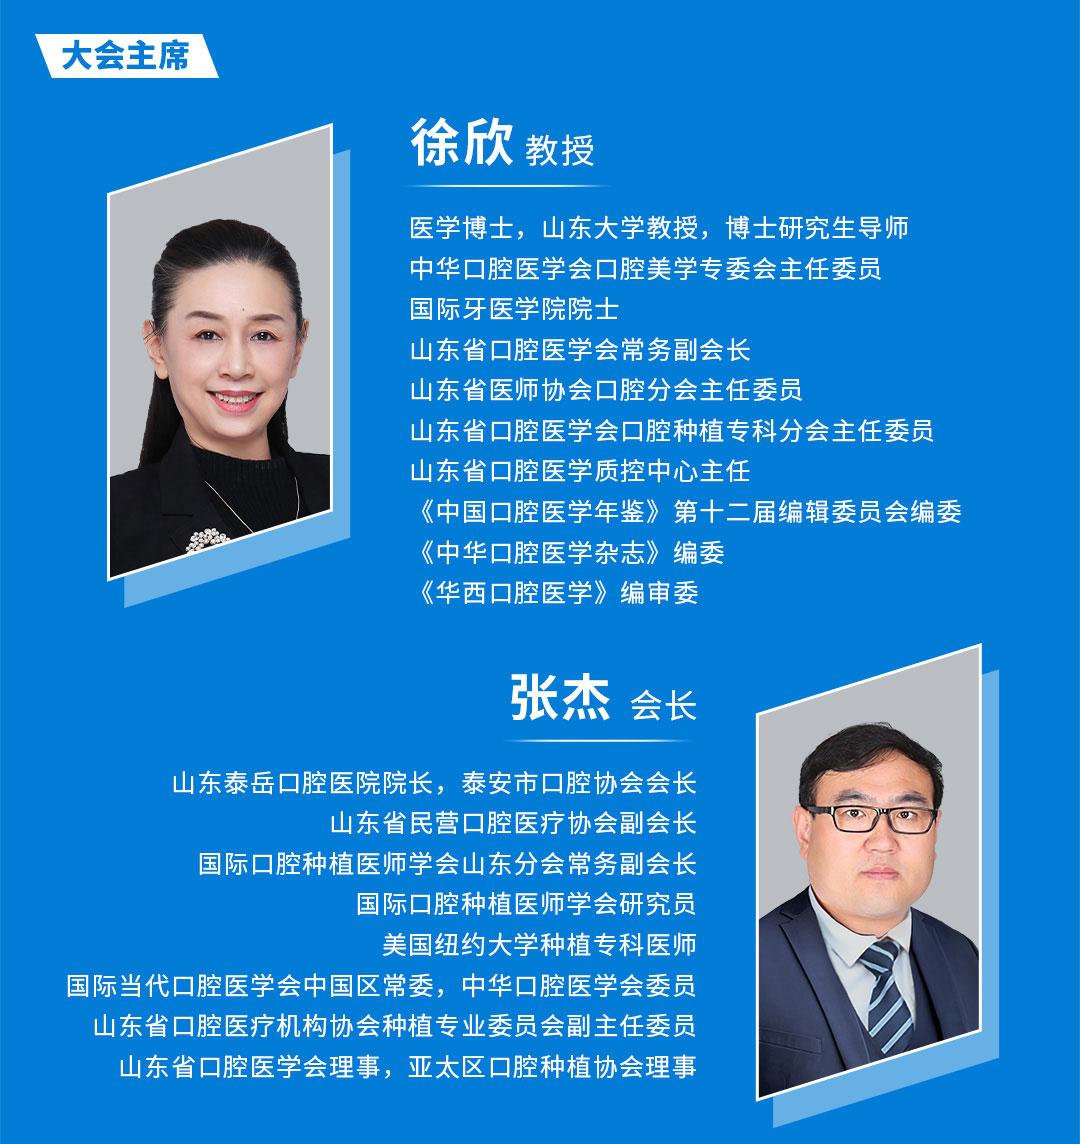 2021工業行手機長圖崔廣_03_01.jpg